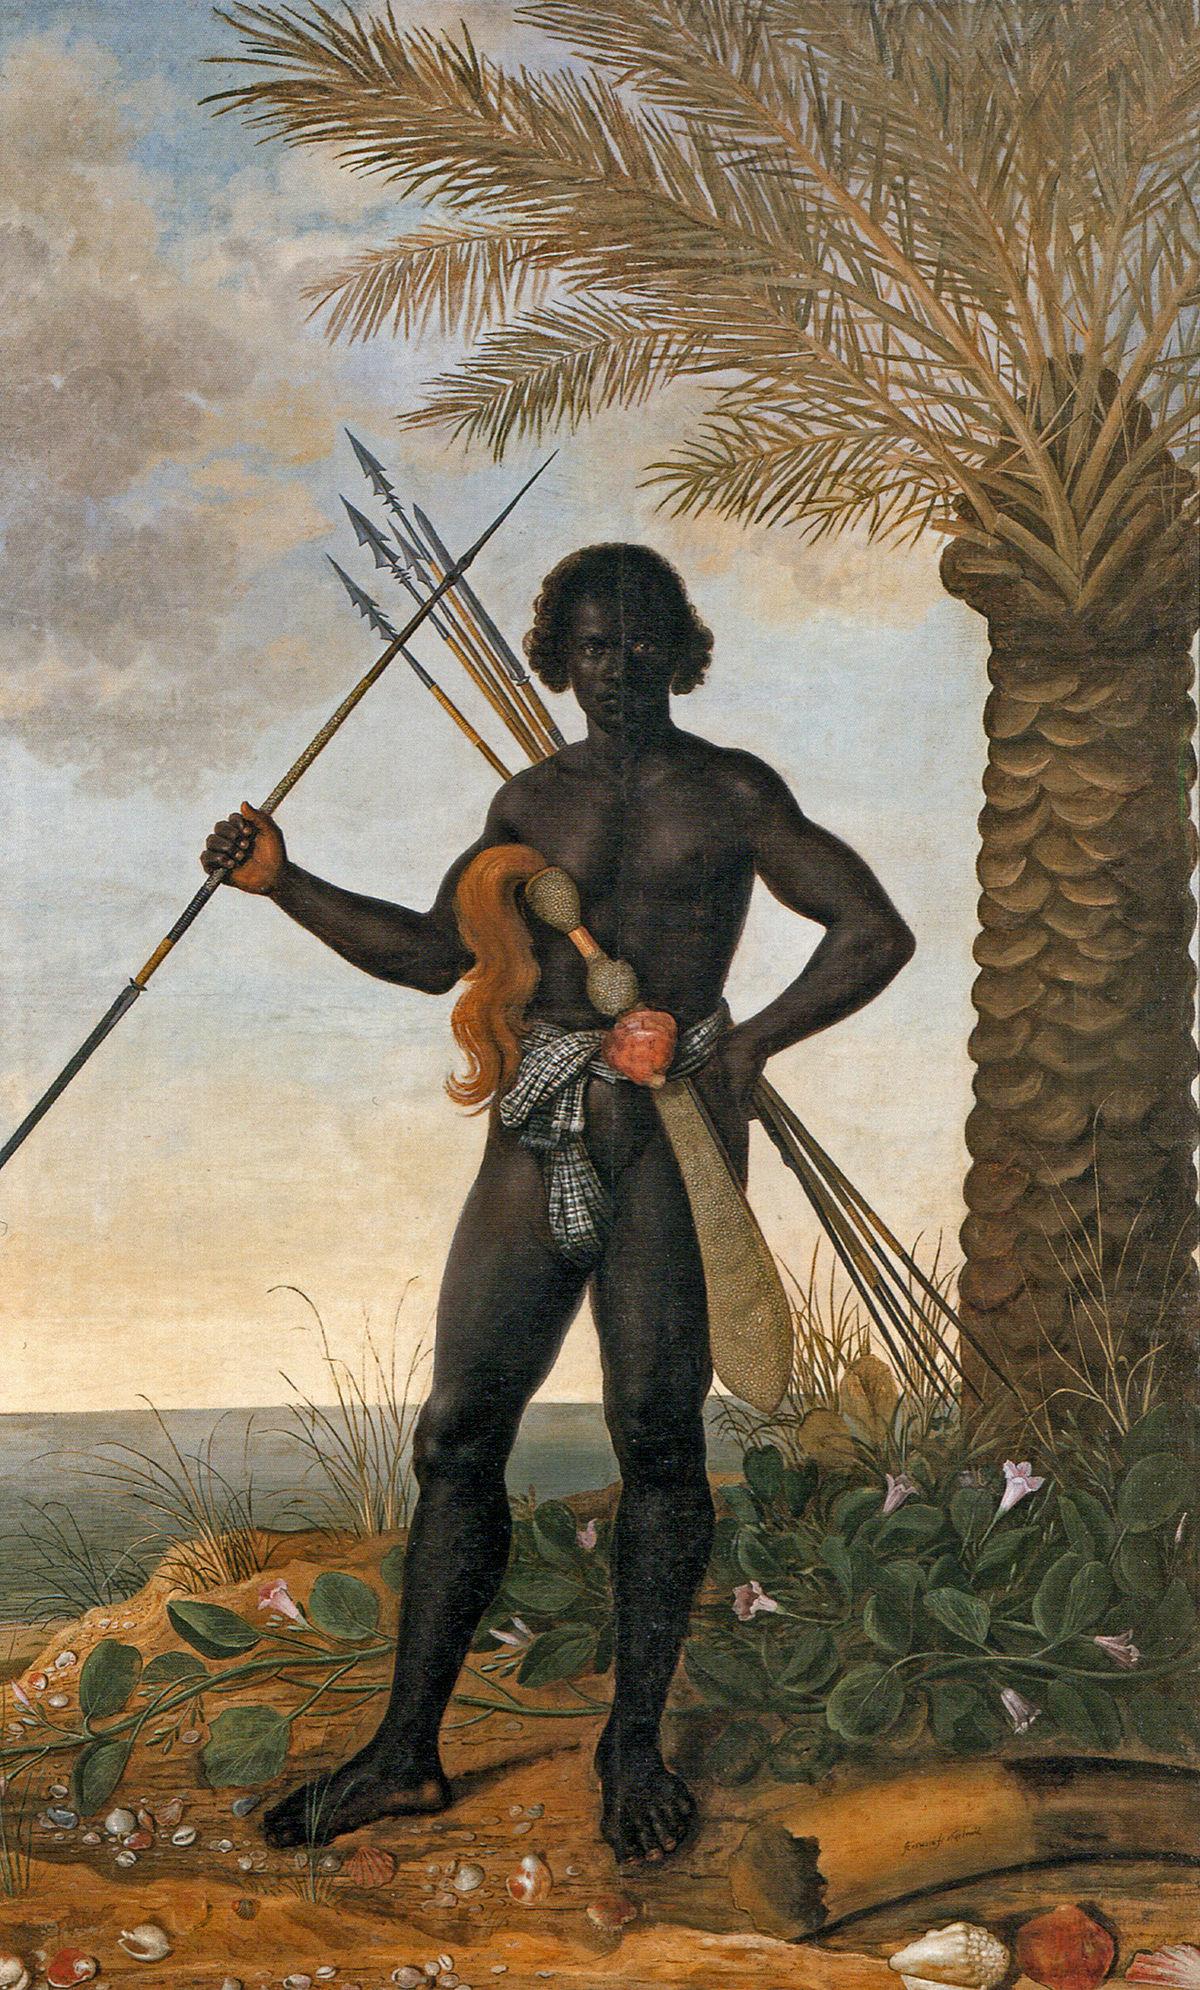 Ganga Zumba - Wikipedia-2504